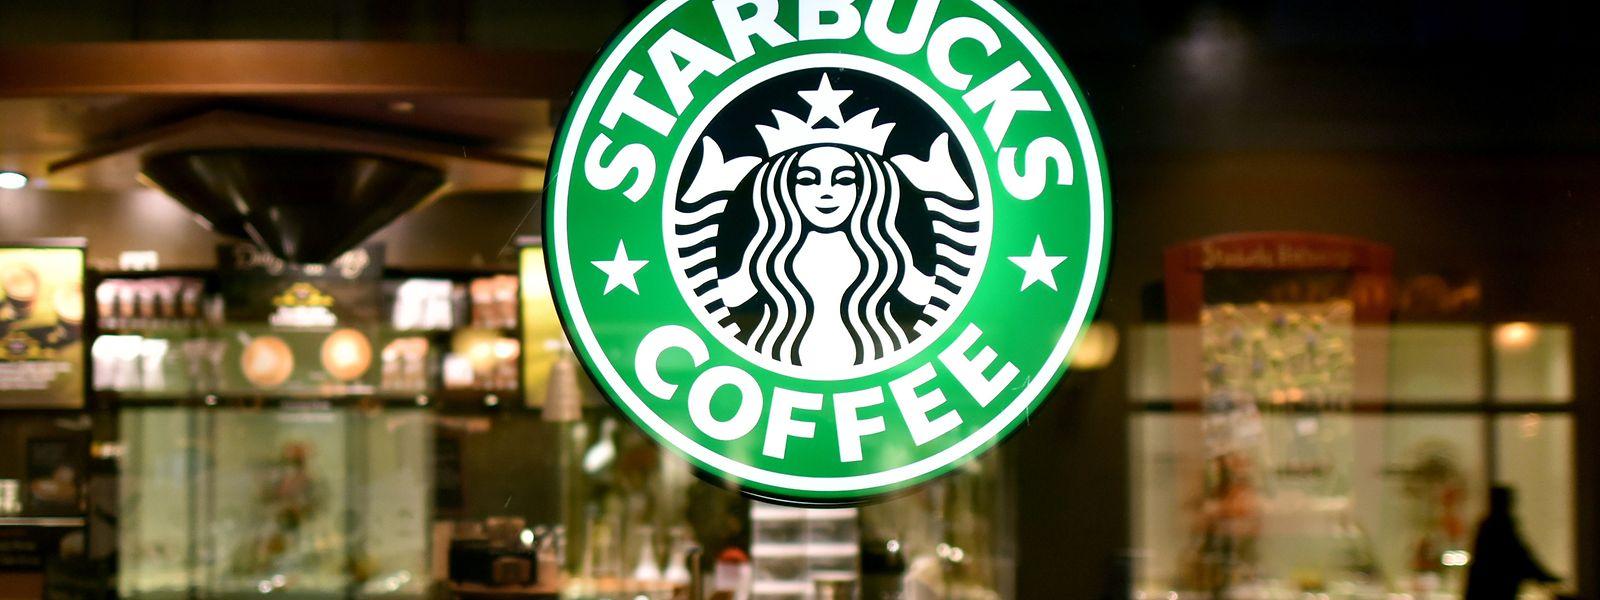 Die Kaffeehauskette Starbucks geht eine milliardenschwere Allianz mit Nestlé ein.